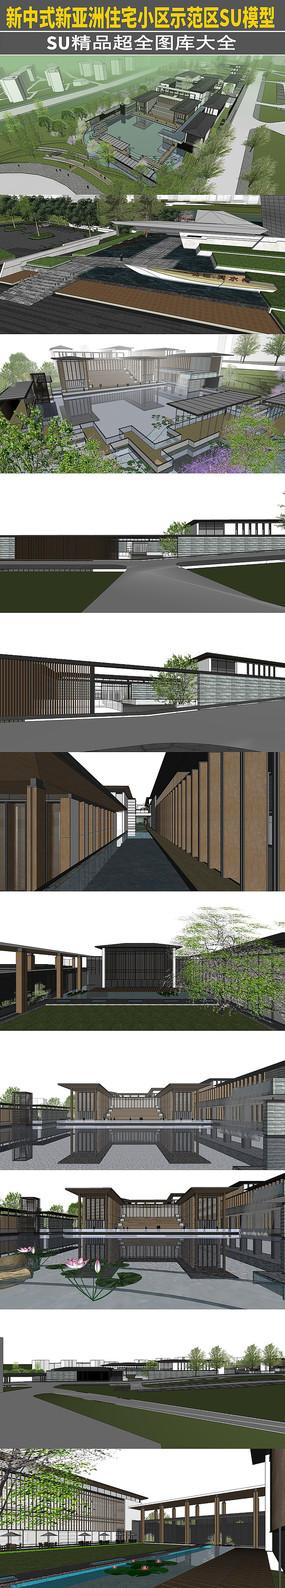 新中式新亚洲住宅小区示范区SU模型